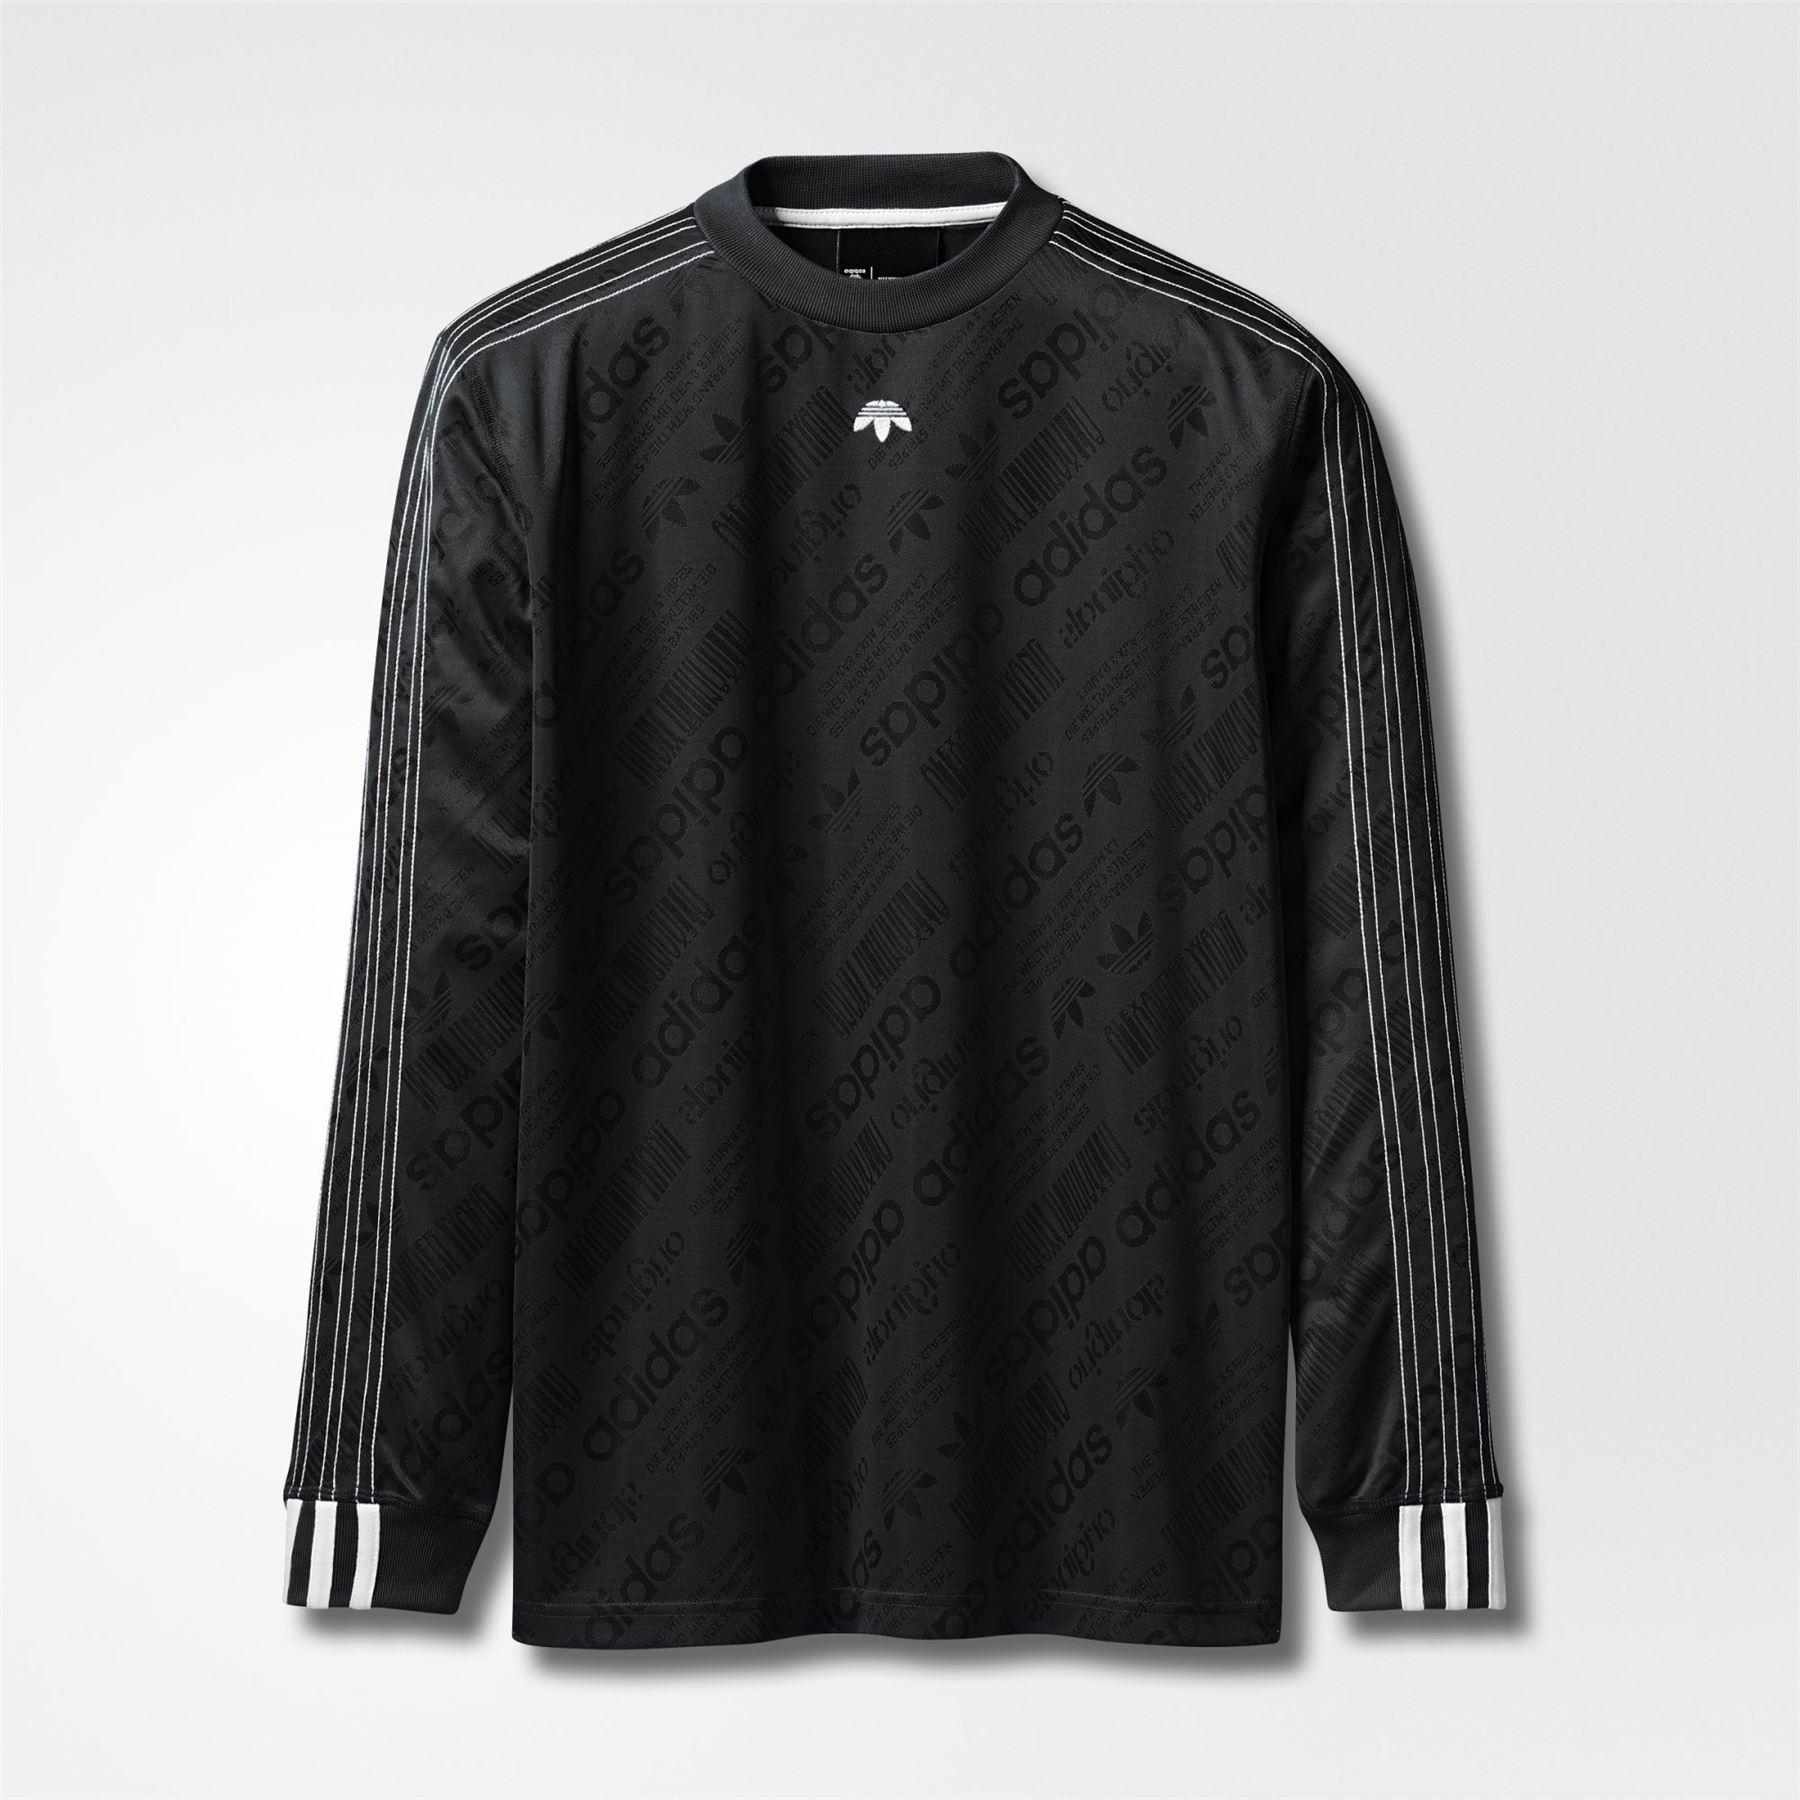 d3aee66b78a3 adidas ORIGINALS X ALEXANDER WANG LONG SLEEVED FOOTBALL JERSEY BLACK TOP  MEN S